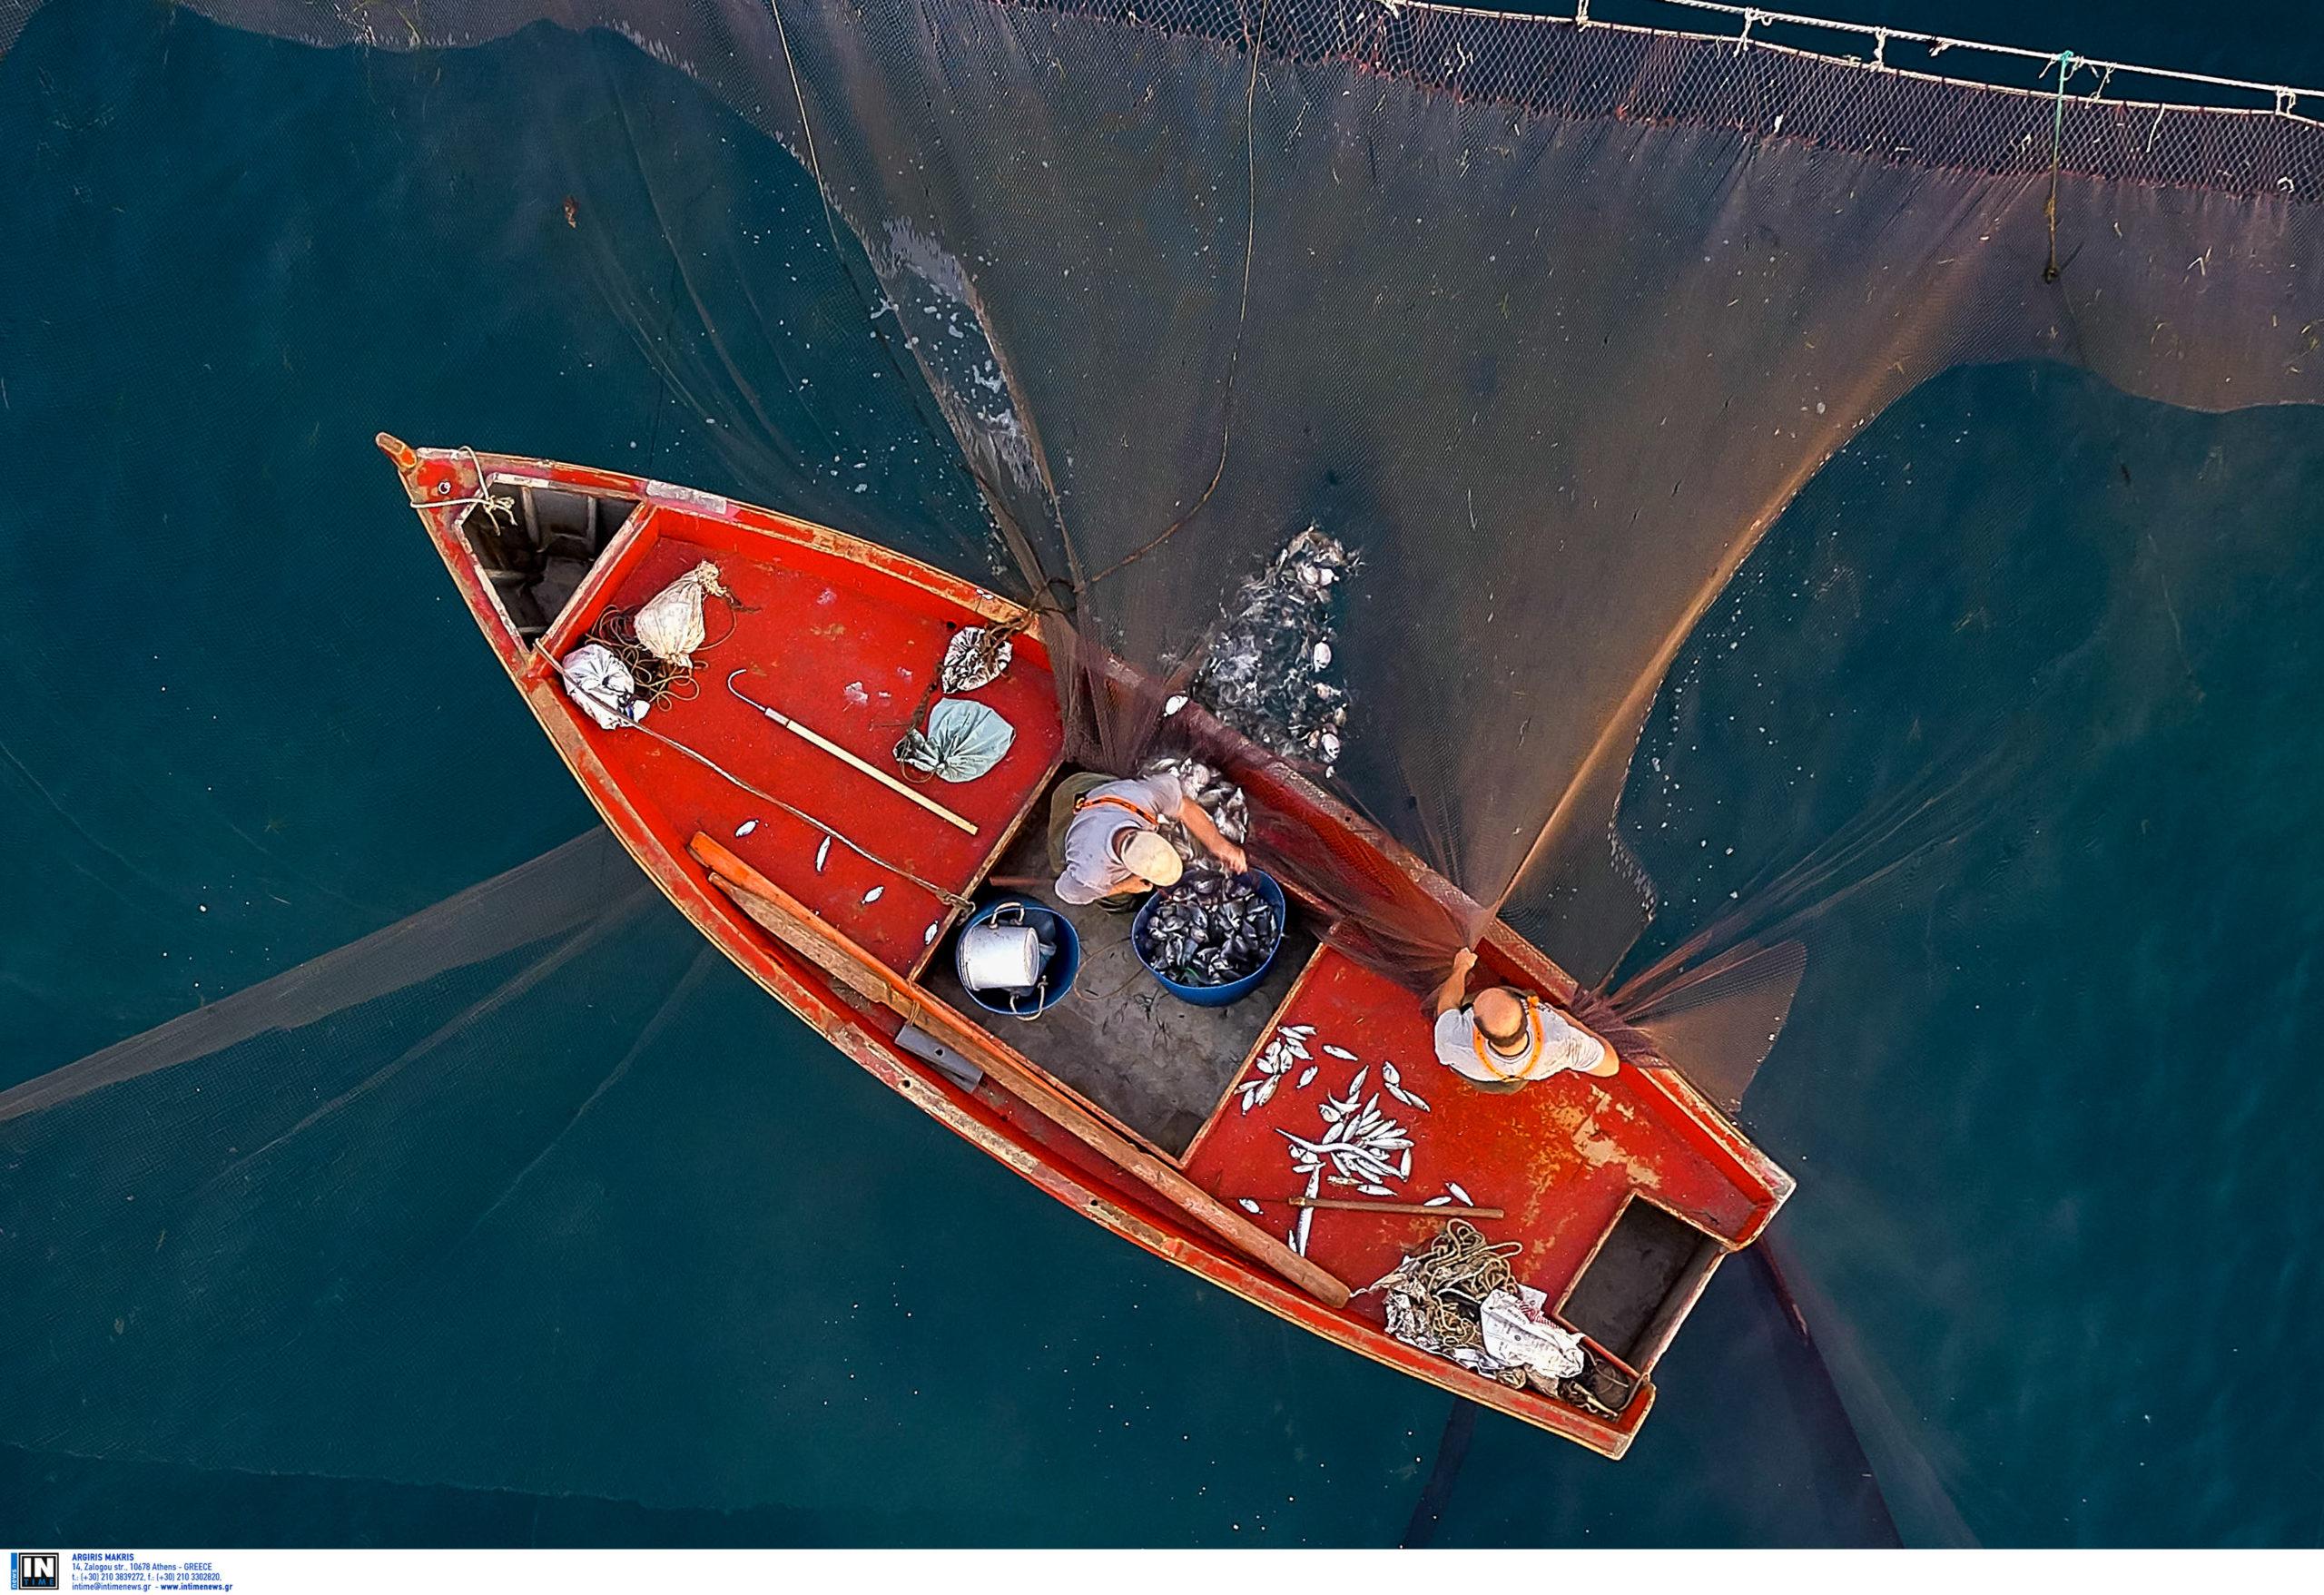 Ηλεία: Σήκωσε τα δίχτυα και είδε μέσα αυτή την παράξενη εικόνα! Έκπληκτος ο ψαράς (Φωτό)